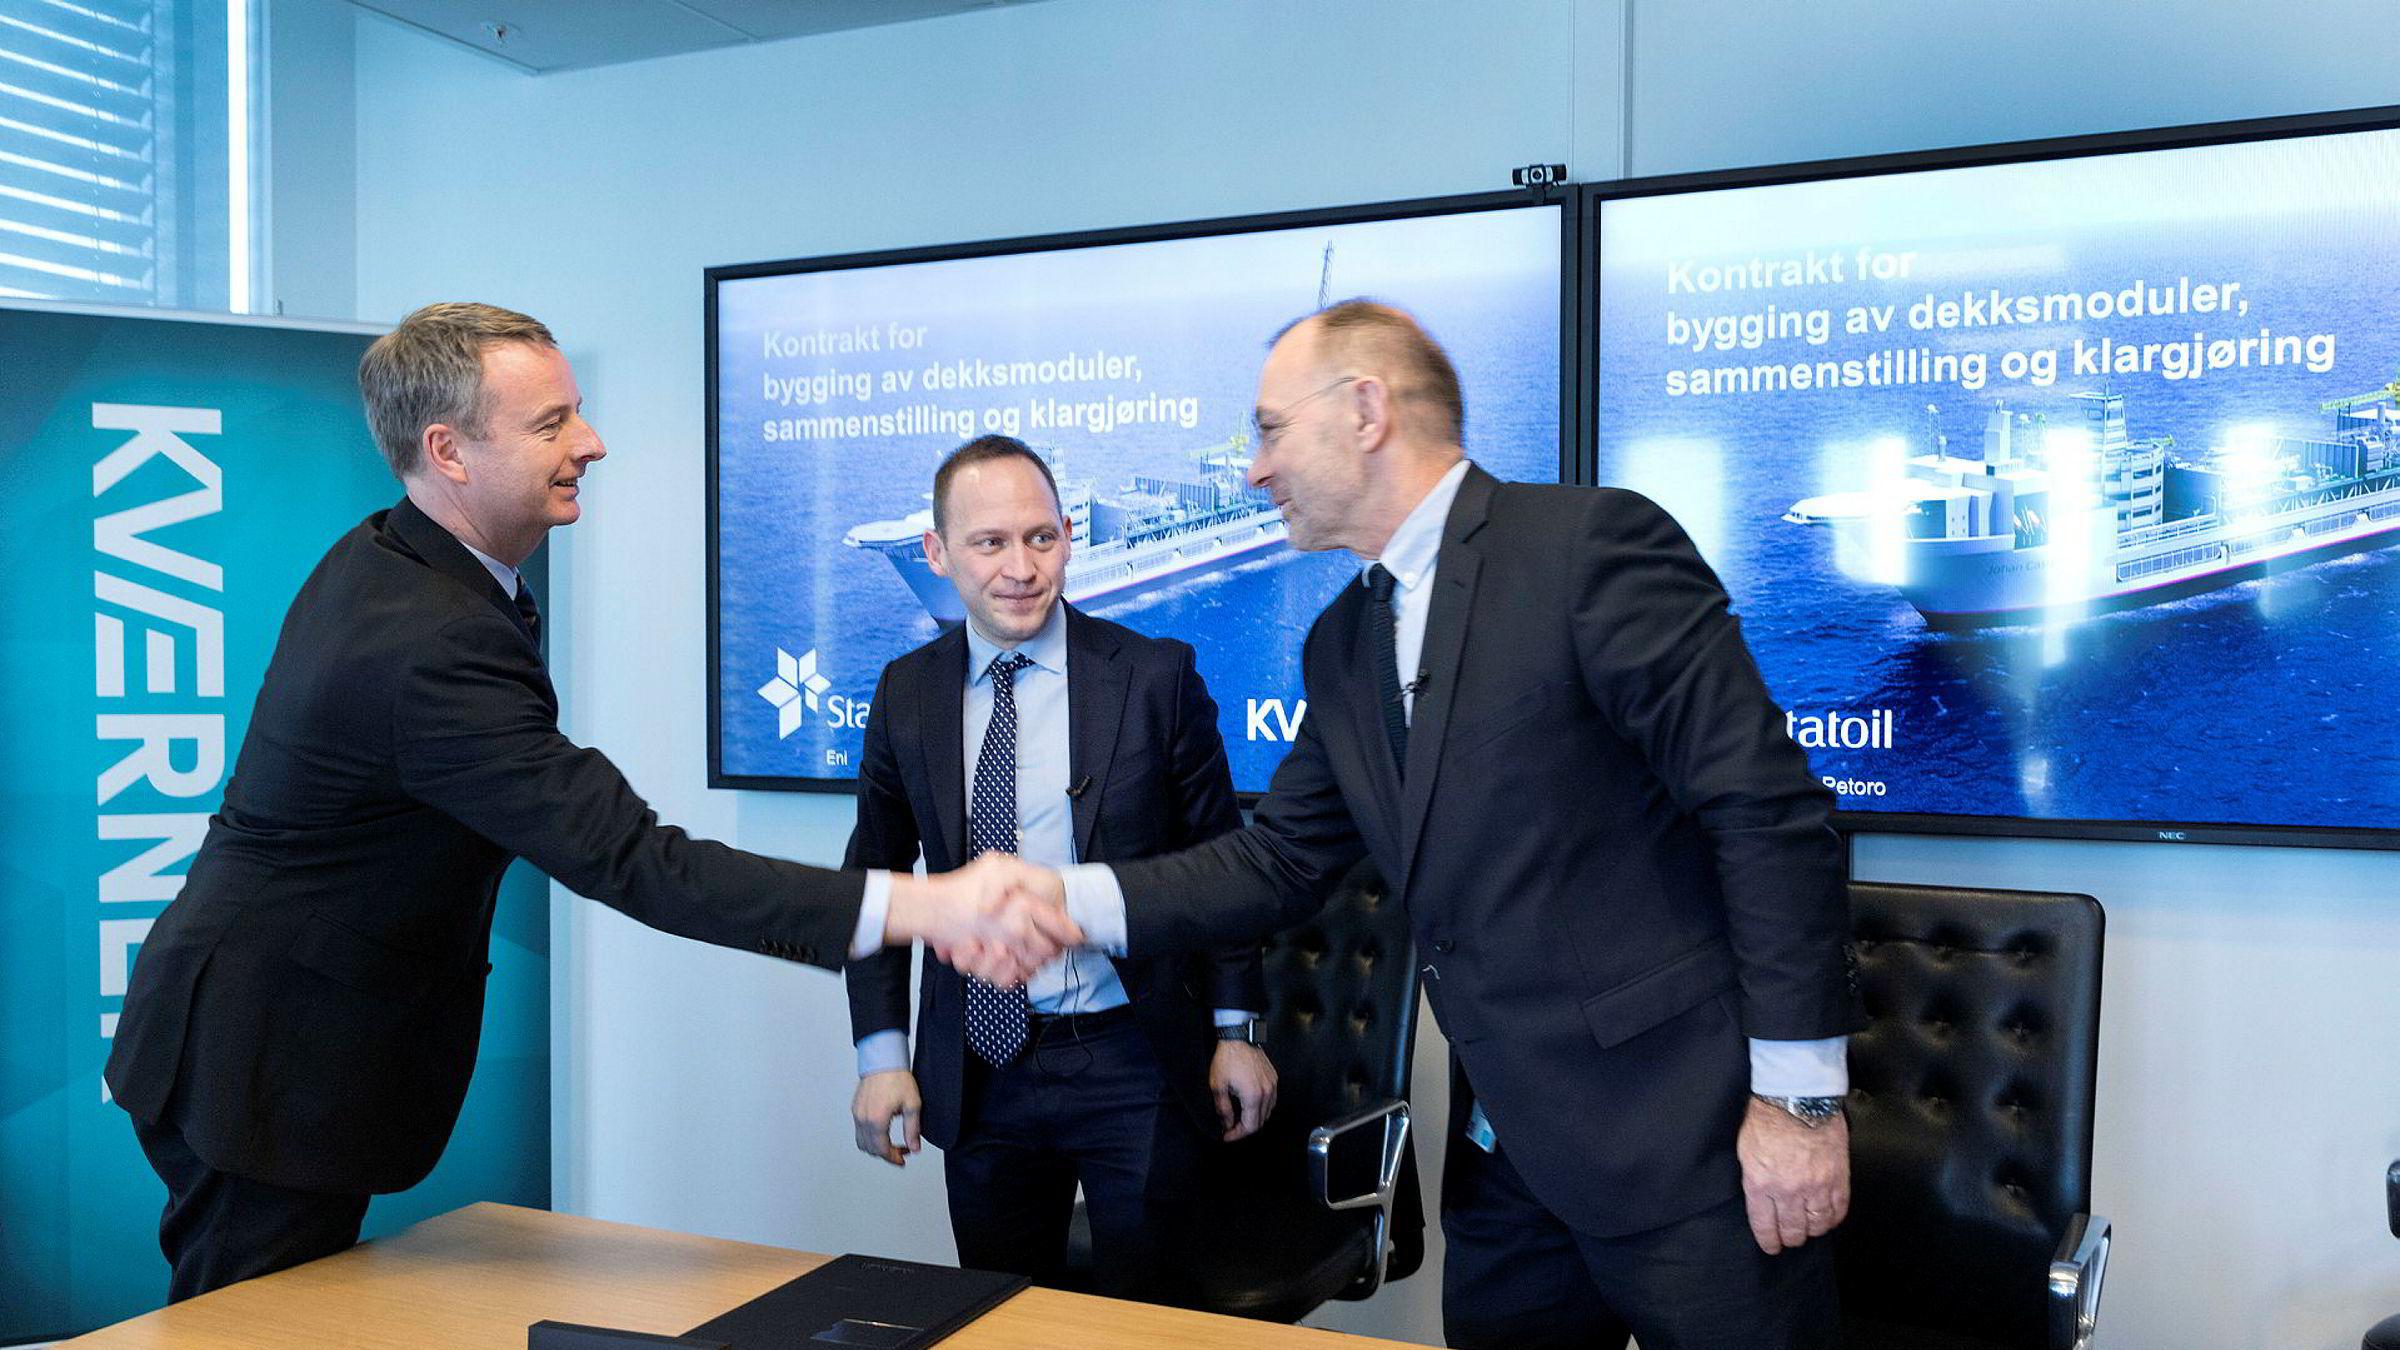 Olje- og energiminister Terje Søviknes (til venstre) stilte tirsdag opp sammen med Statoils prosjektdirektør Torger Rød og Kværner-sjef Jan Arve Haugan for å markere at den store kontrakten til Castberg-kontrakten gikk til Kværner og norsk industri.